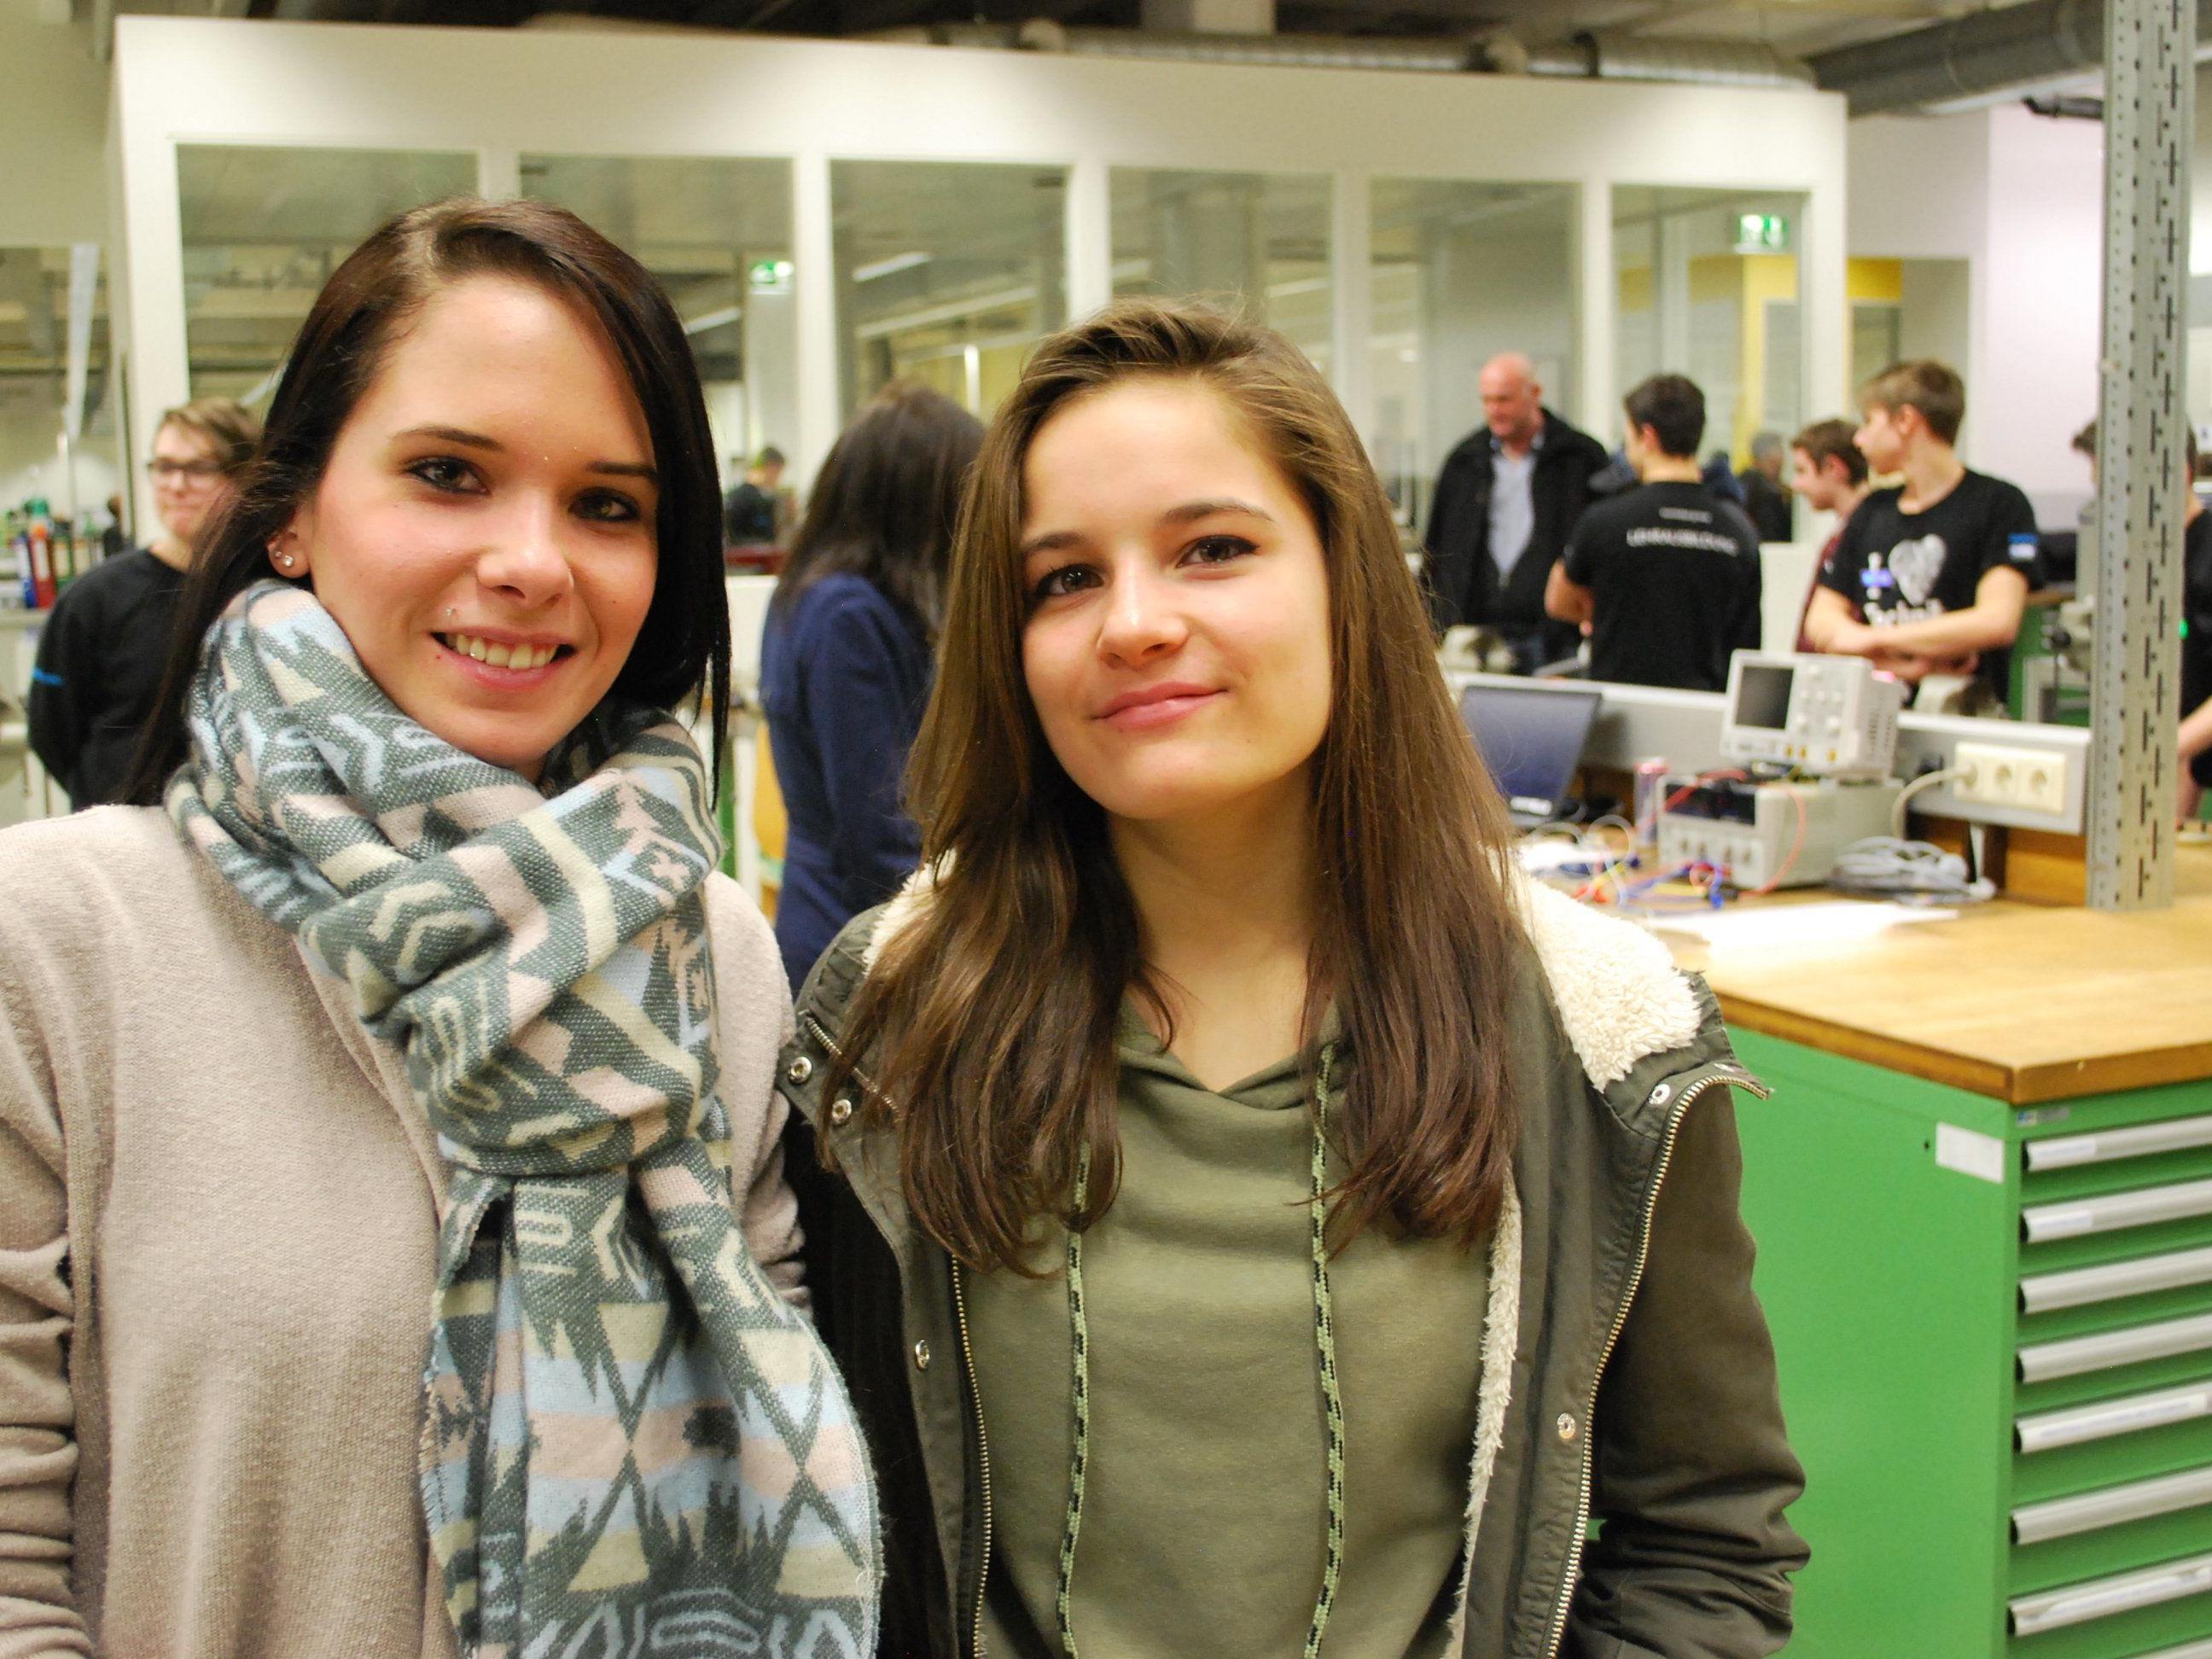 Enedina, die bei Zumtobel arbeitet, zeigt ihrer Schwester Emmanuelle die Lehrwerkstatt.